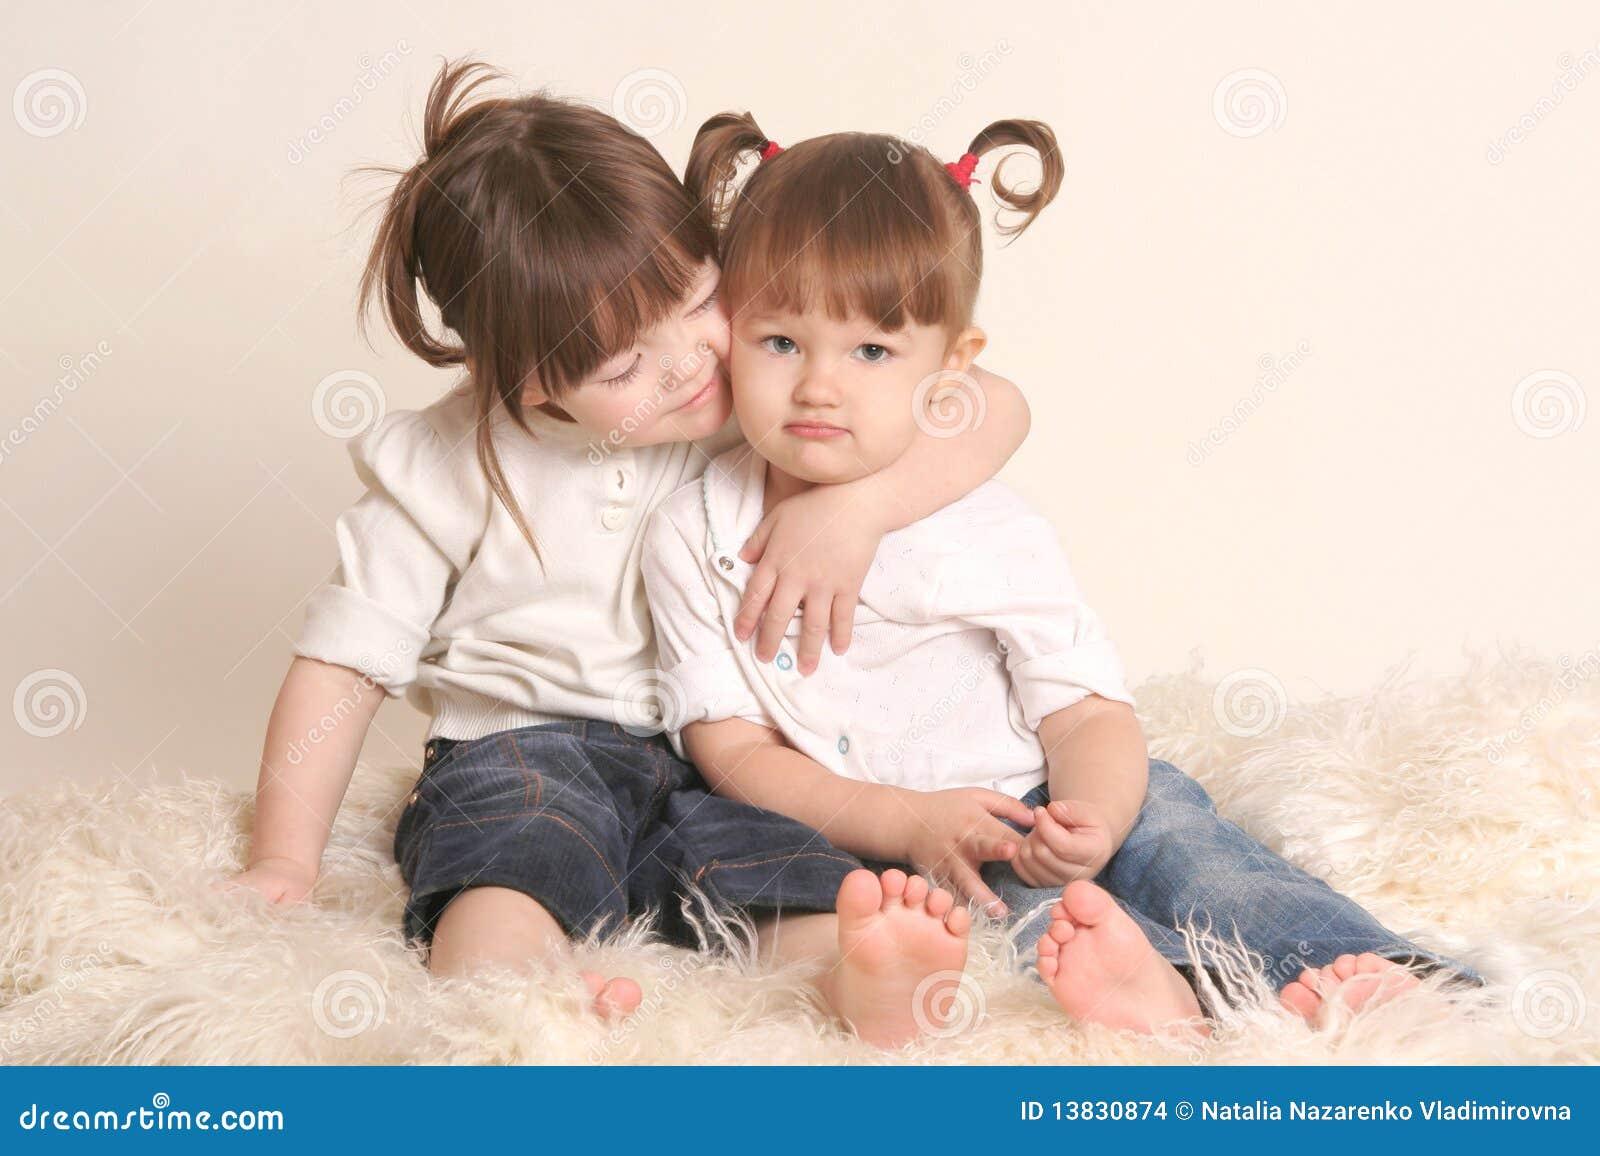 Children s Friendship